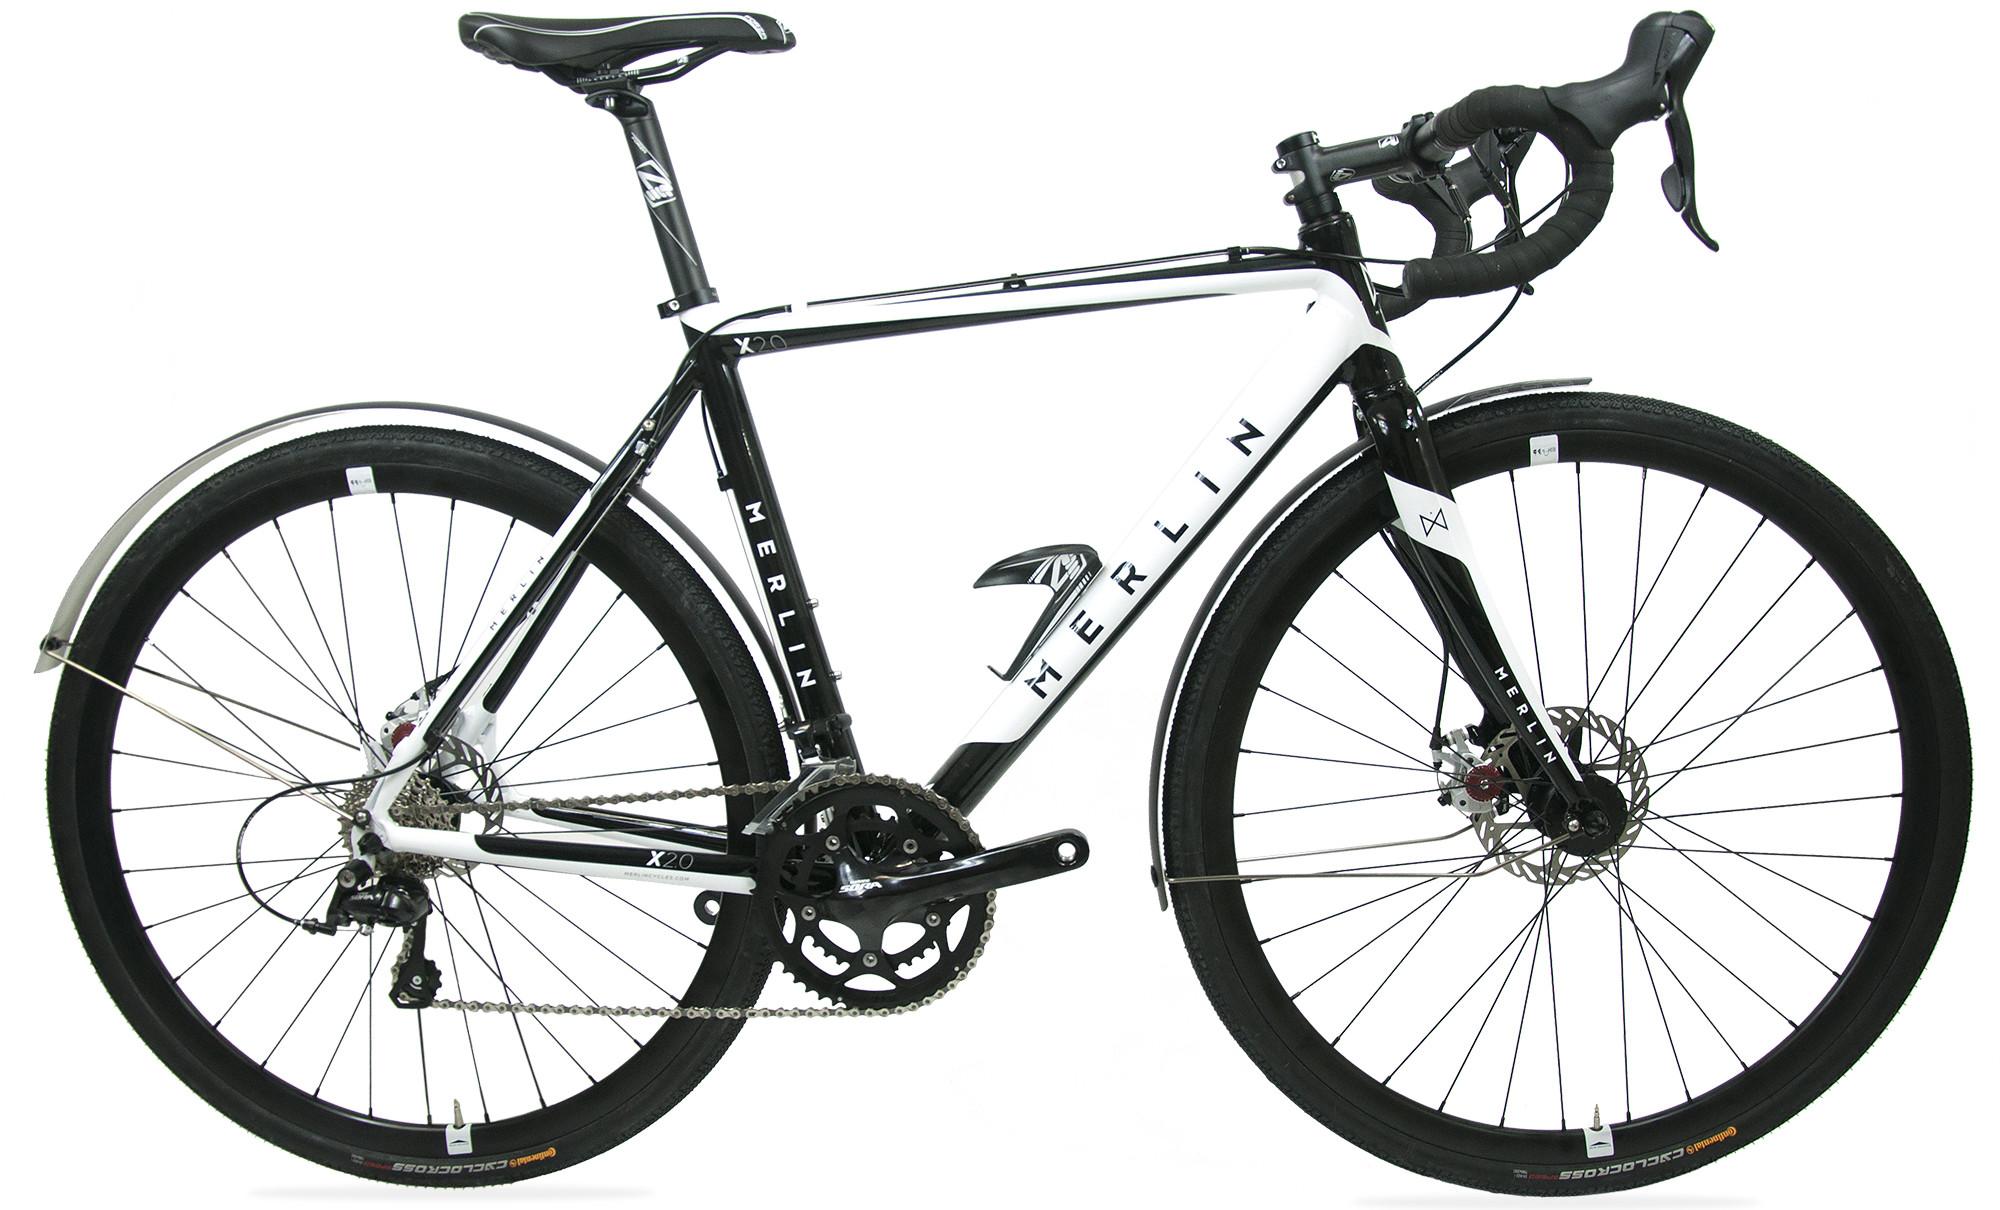 17663_merlin_x2_0_sora_9_speed_alloy_cx_bike_commuter_model